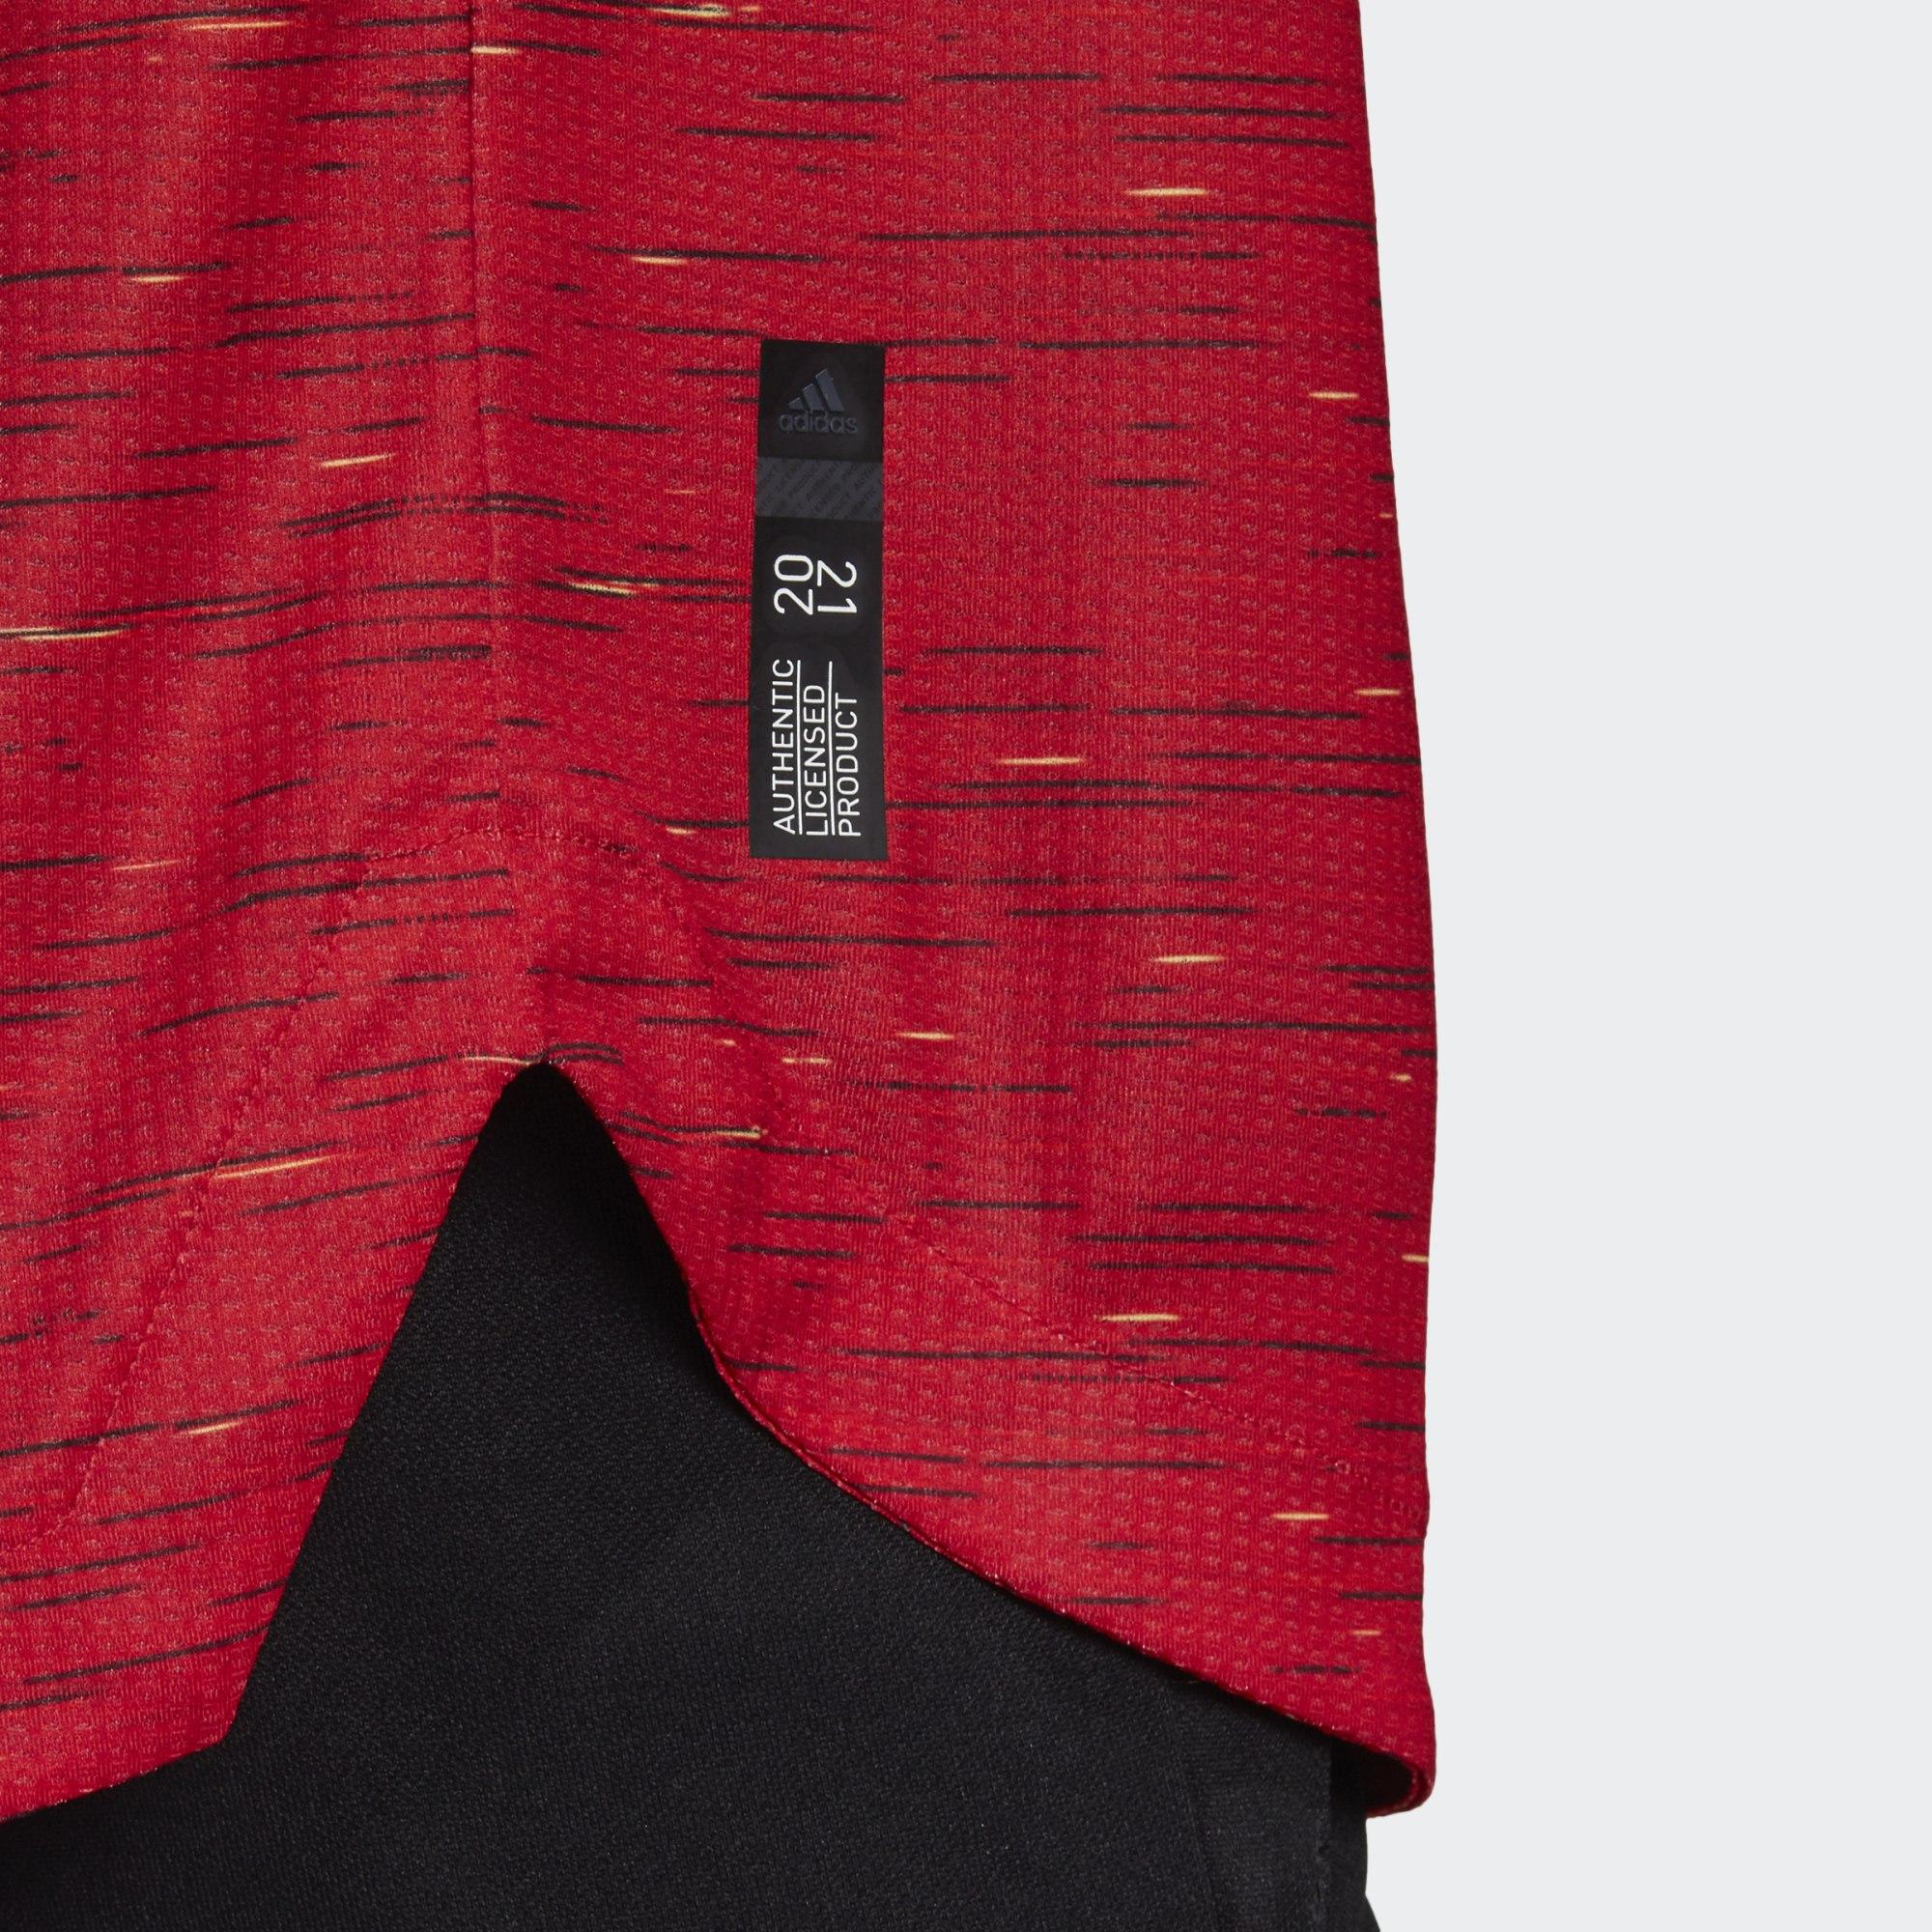 Manchester United 2020 21 Adidas Home Kit 20 21 Kits Football Shirt Blog